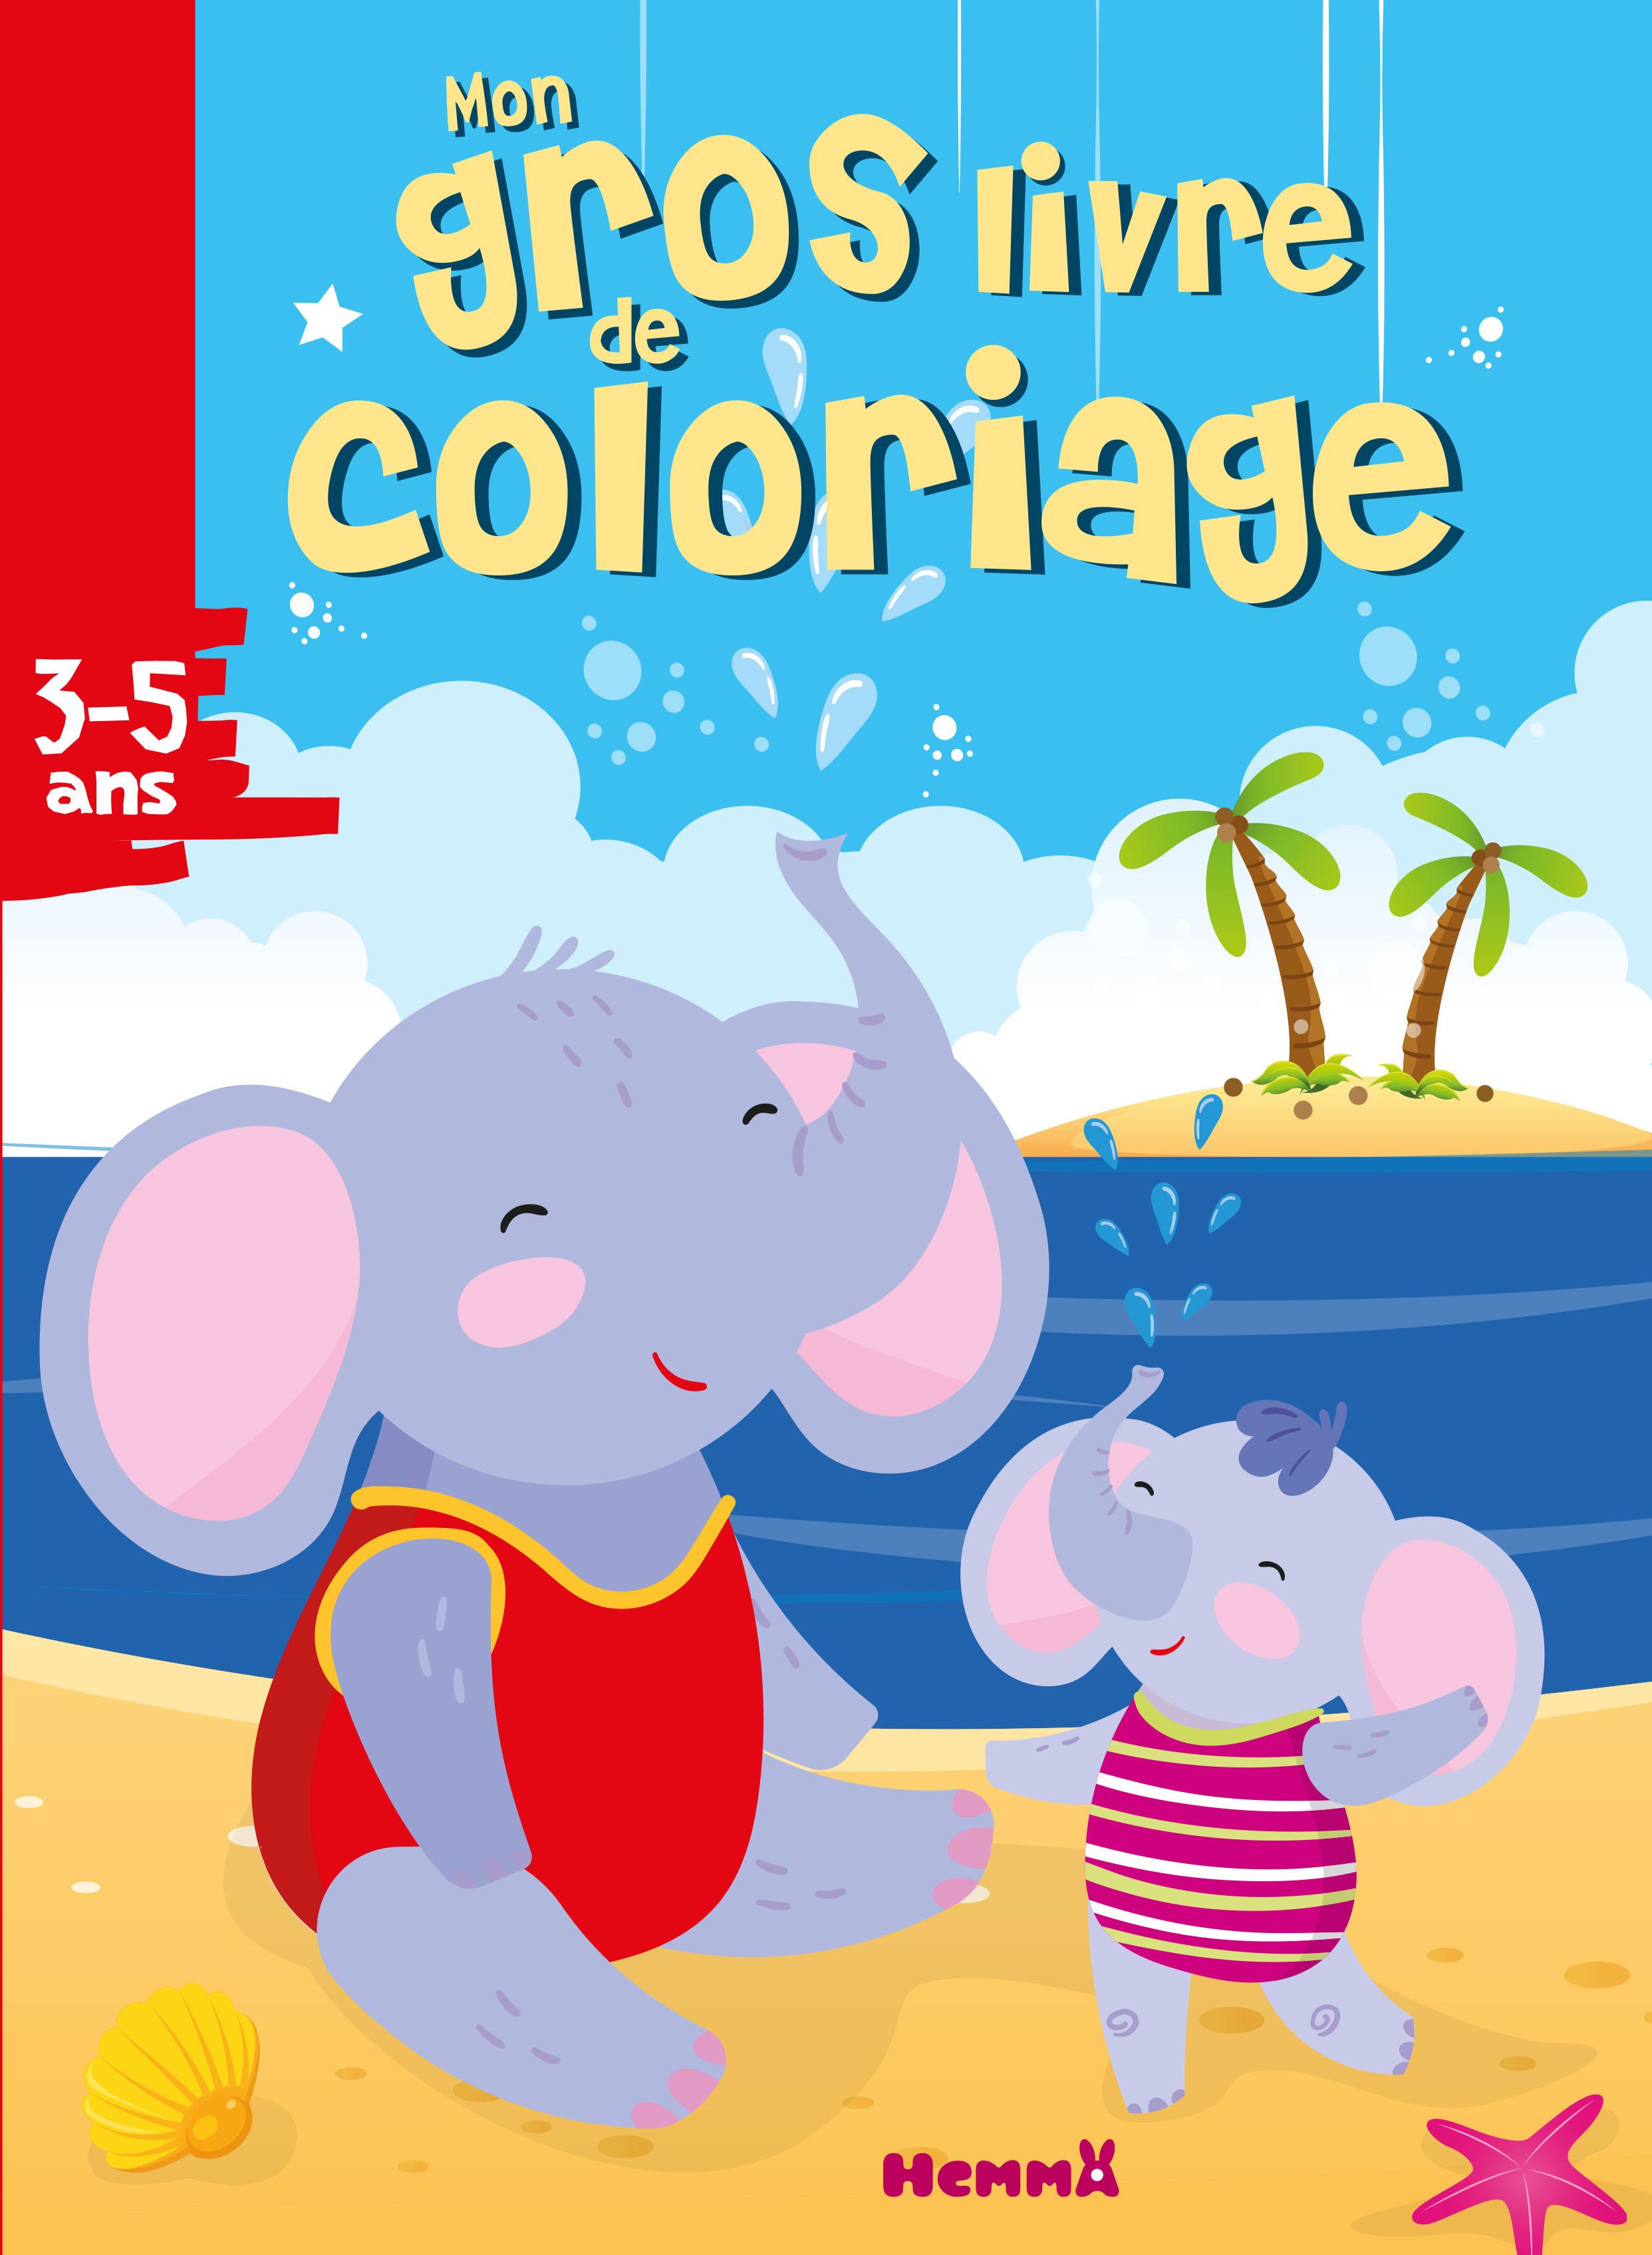 Mon gros livre de coloriage - Eléphants à la plage